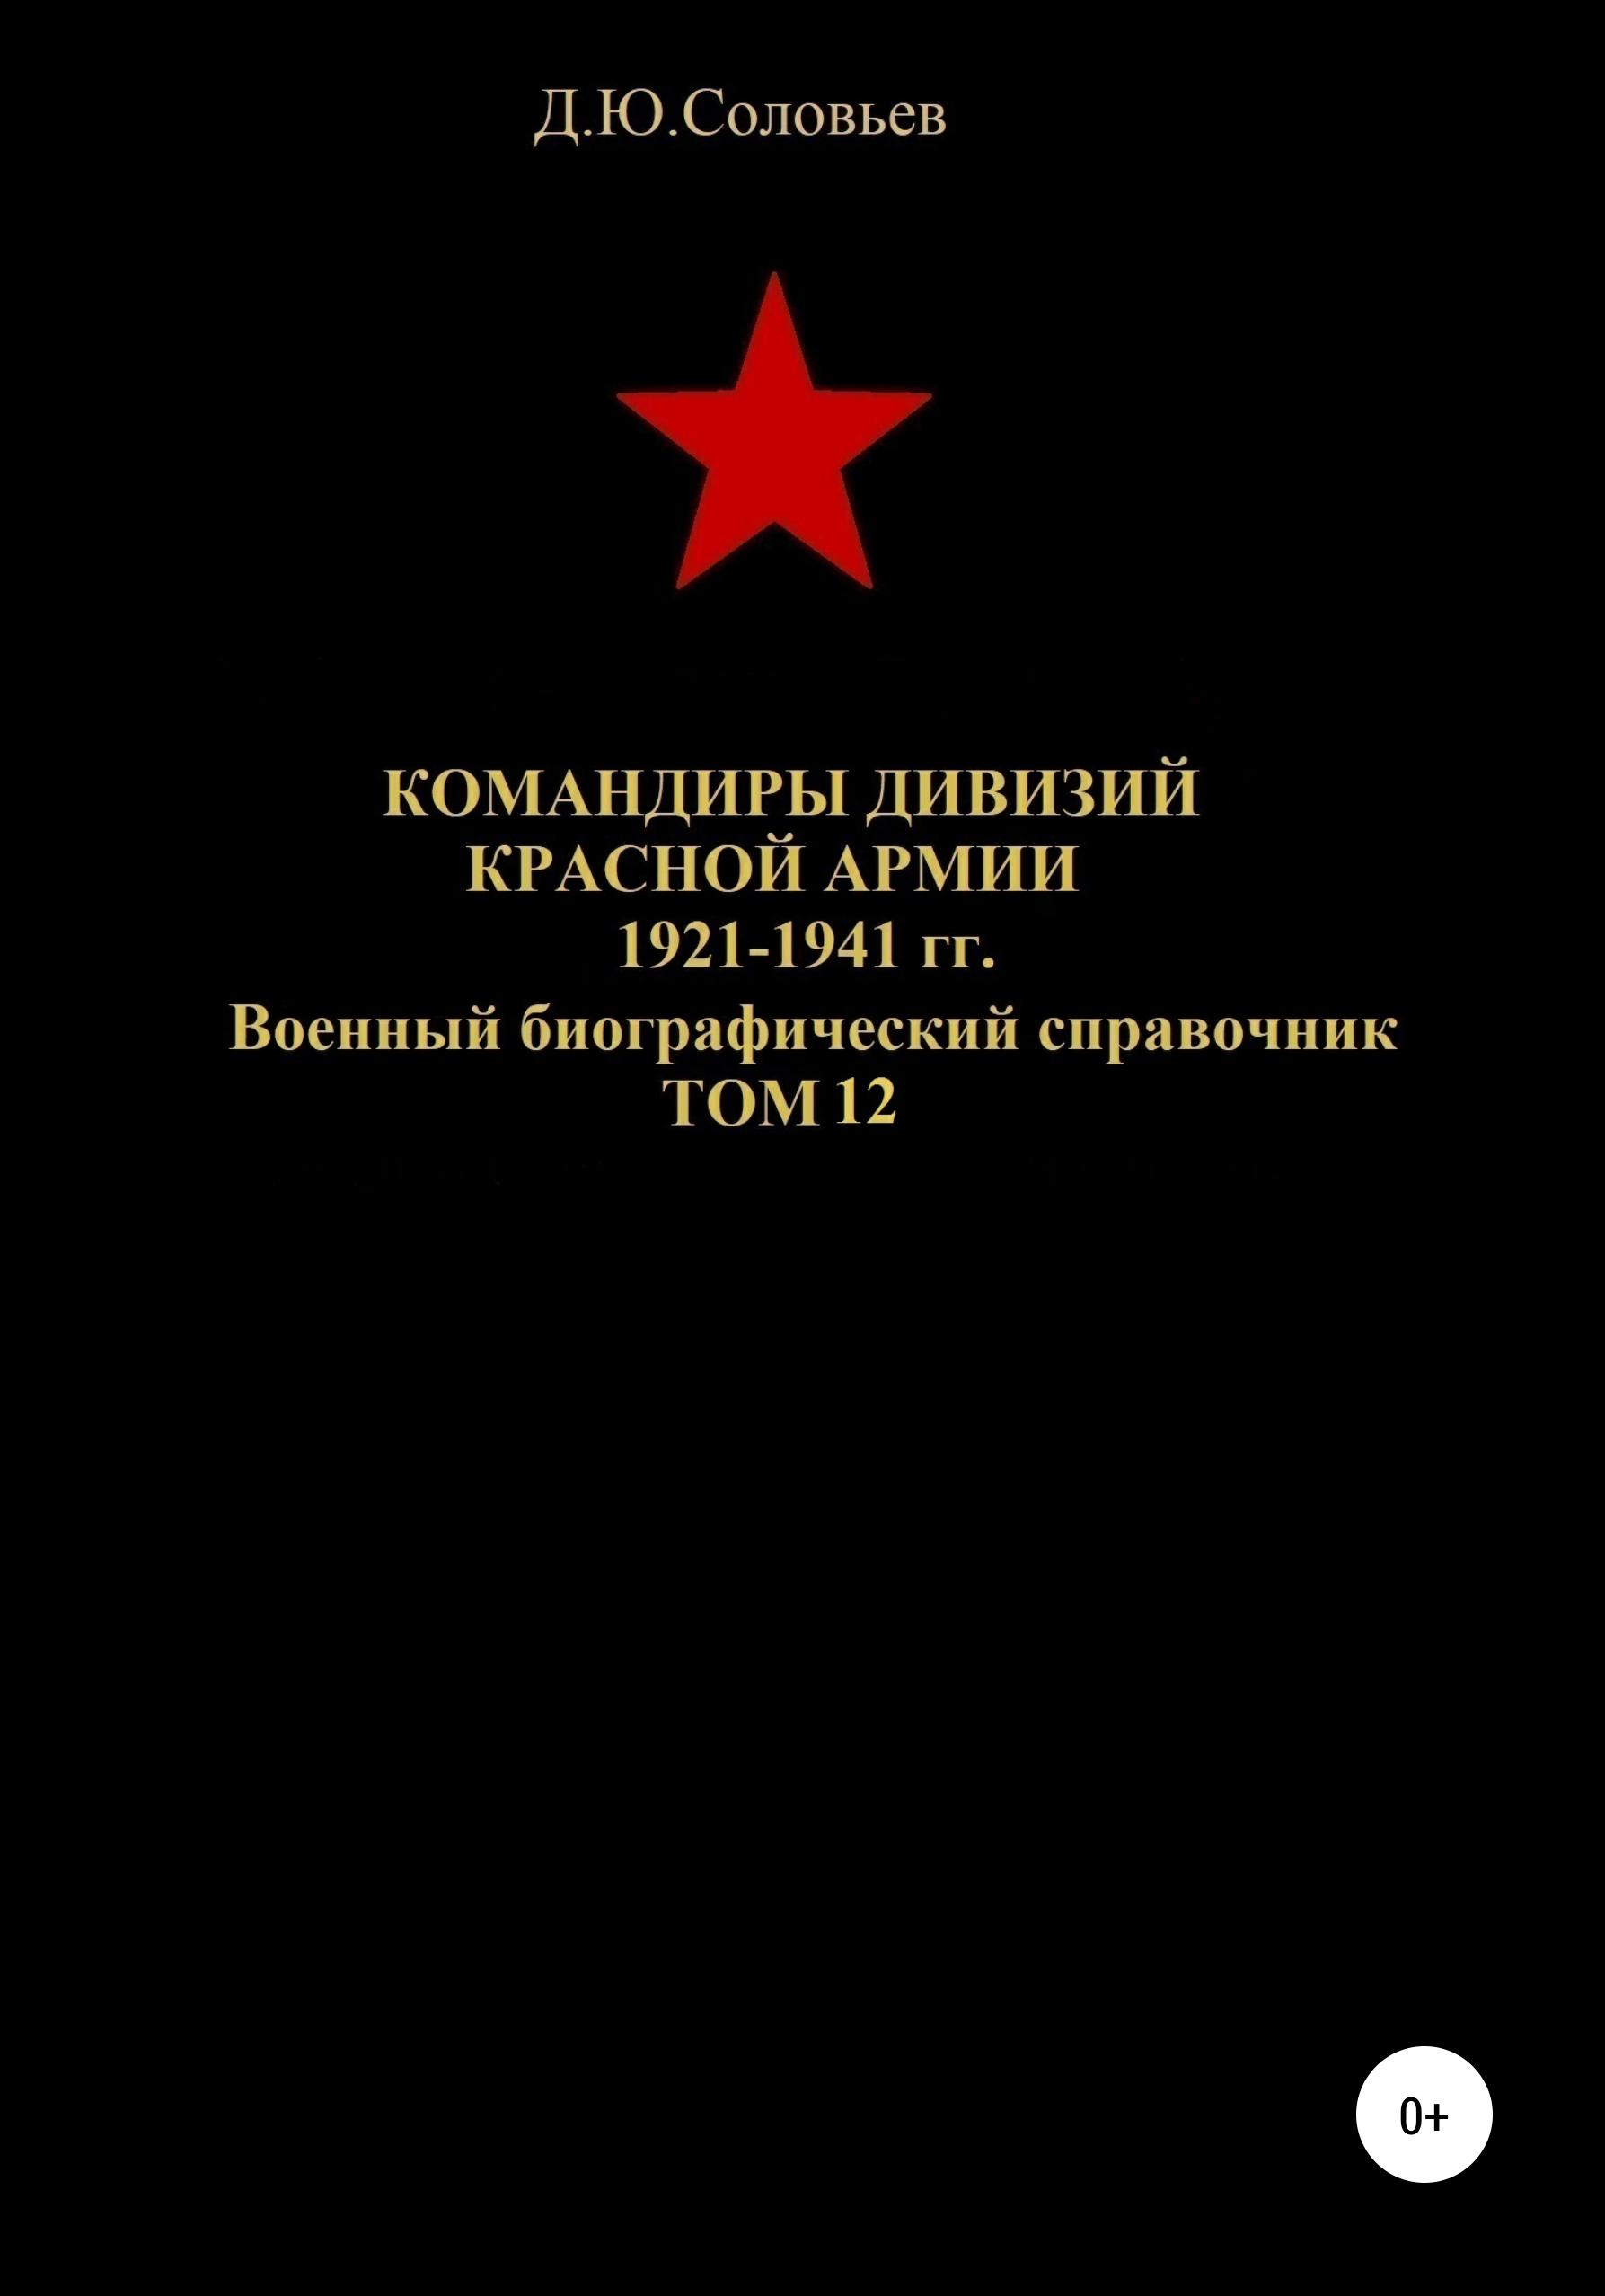 Командиры дивизий Красной Армии 1921-1941 гг. Том 12